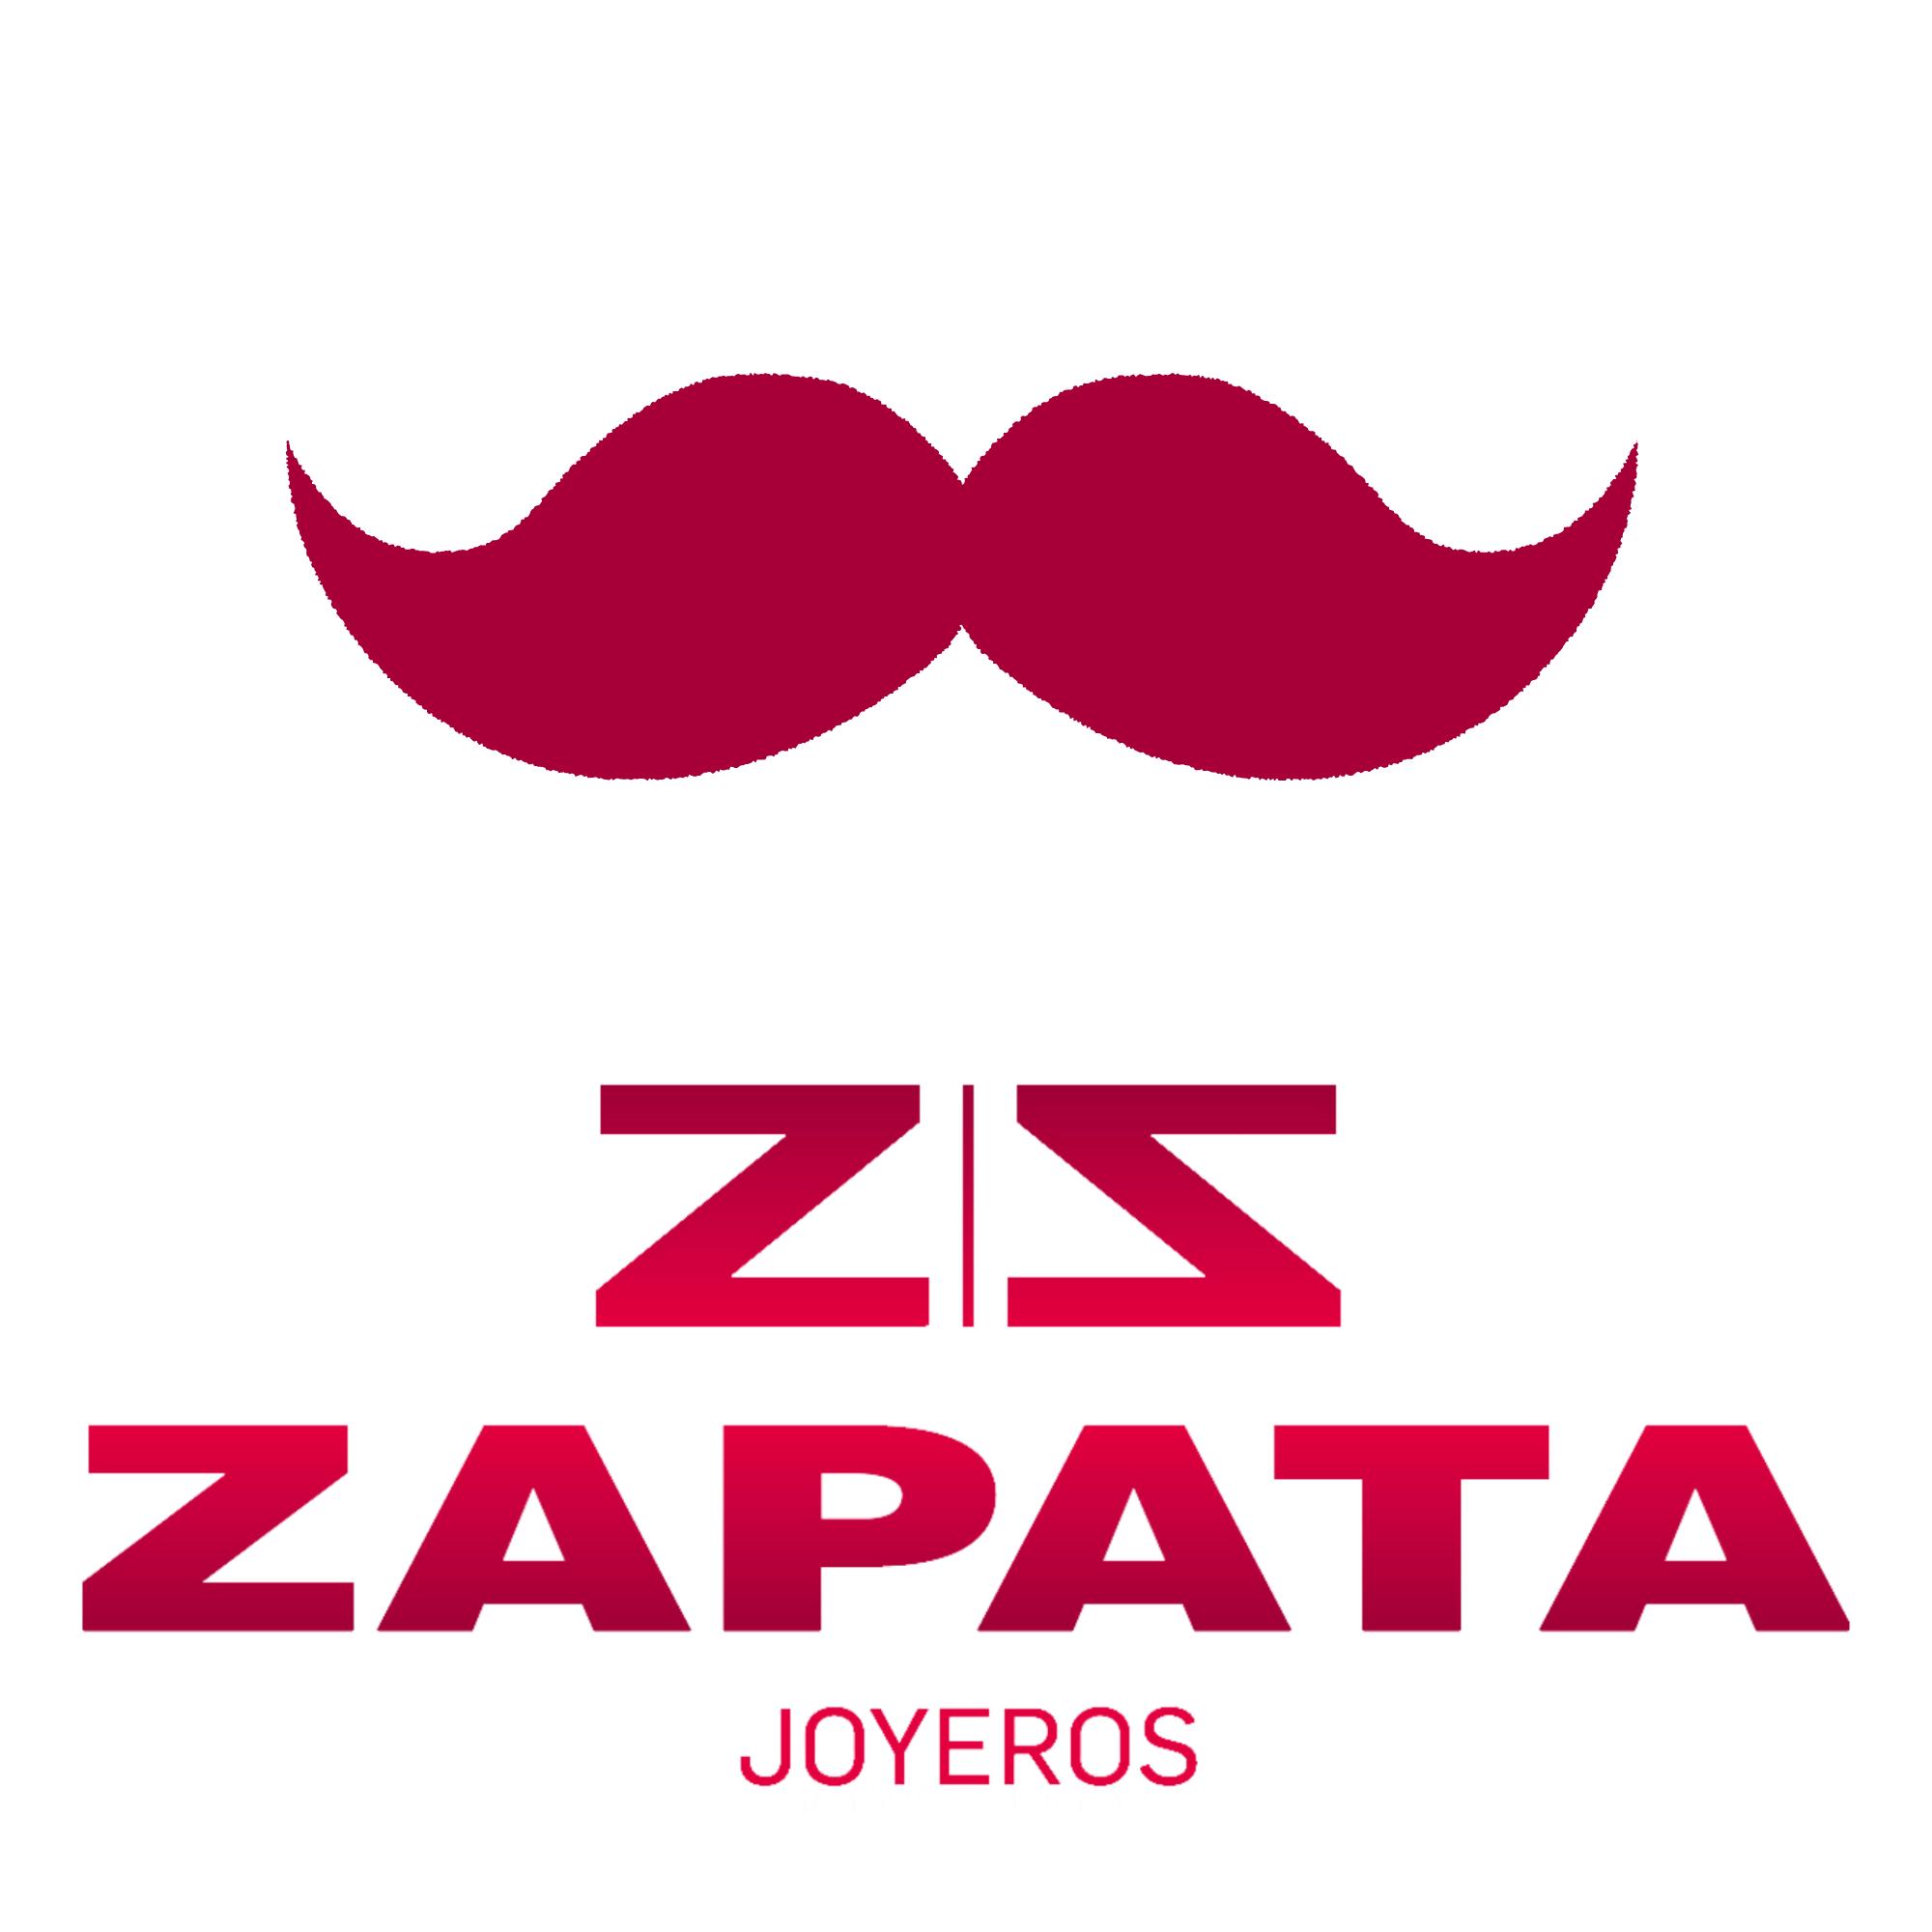 Zapata Joyeros Movember